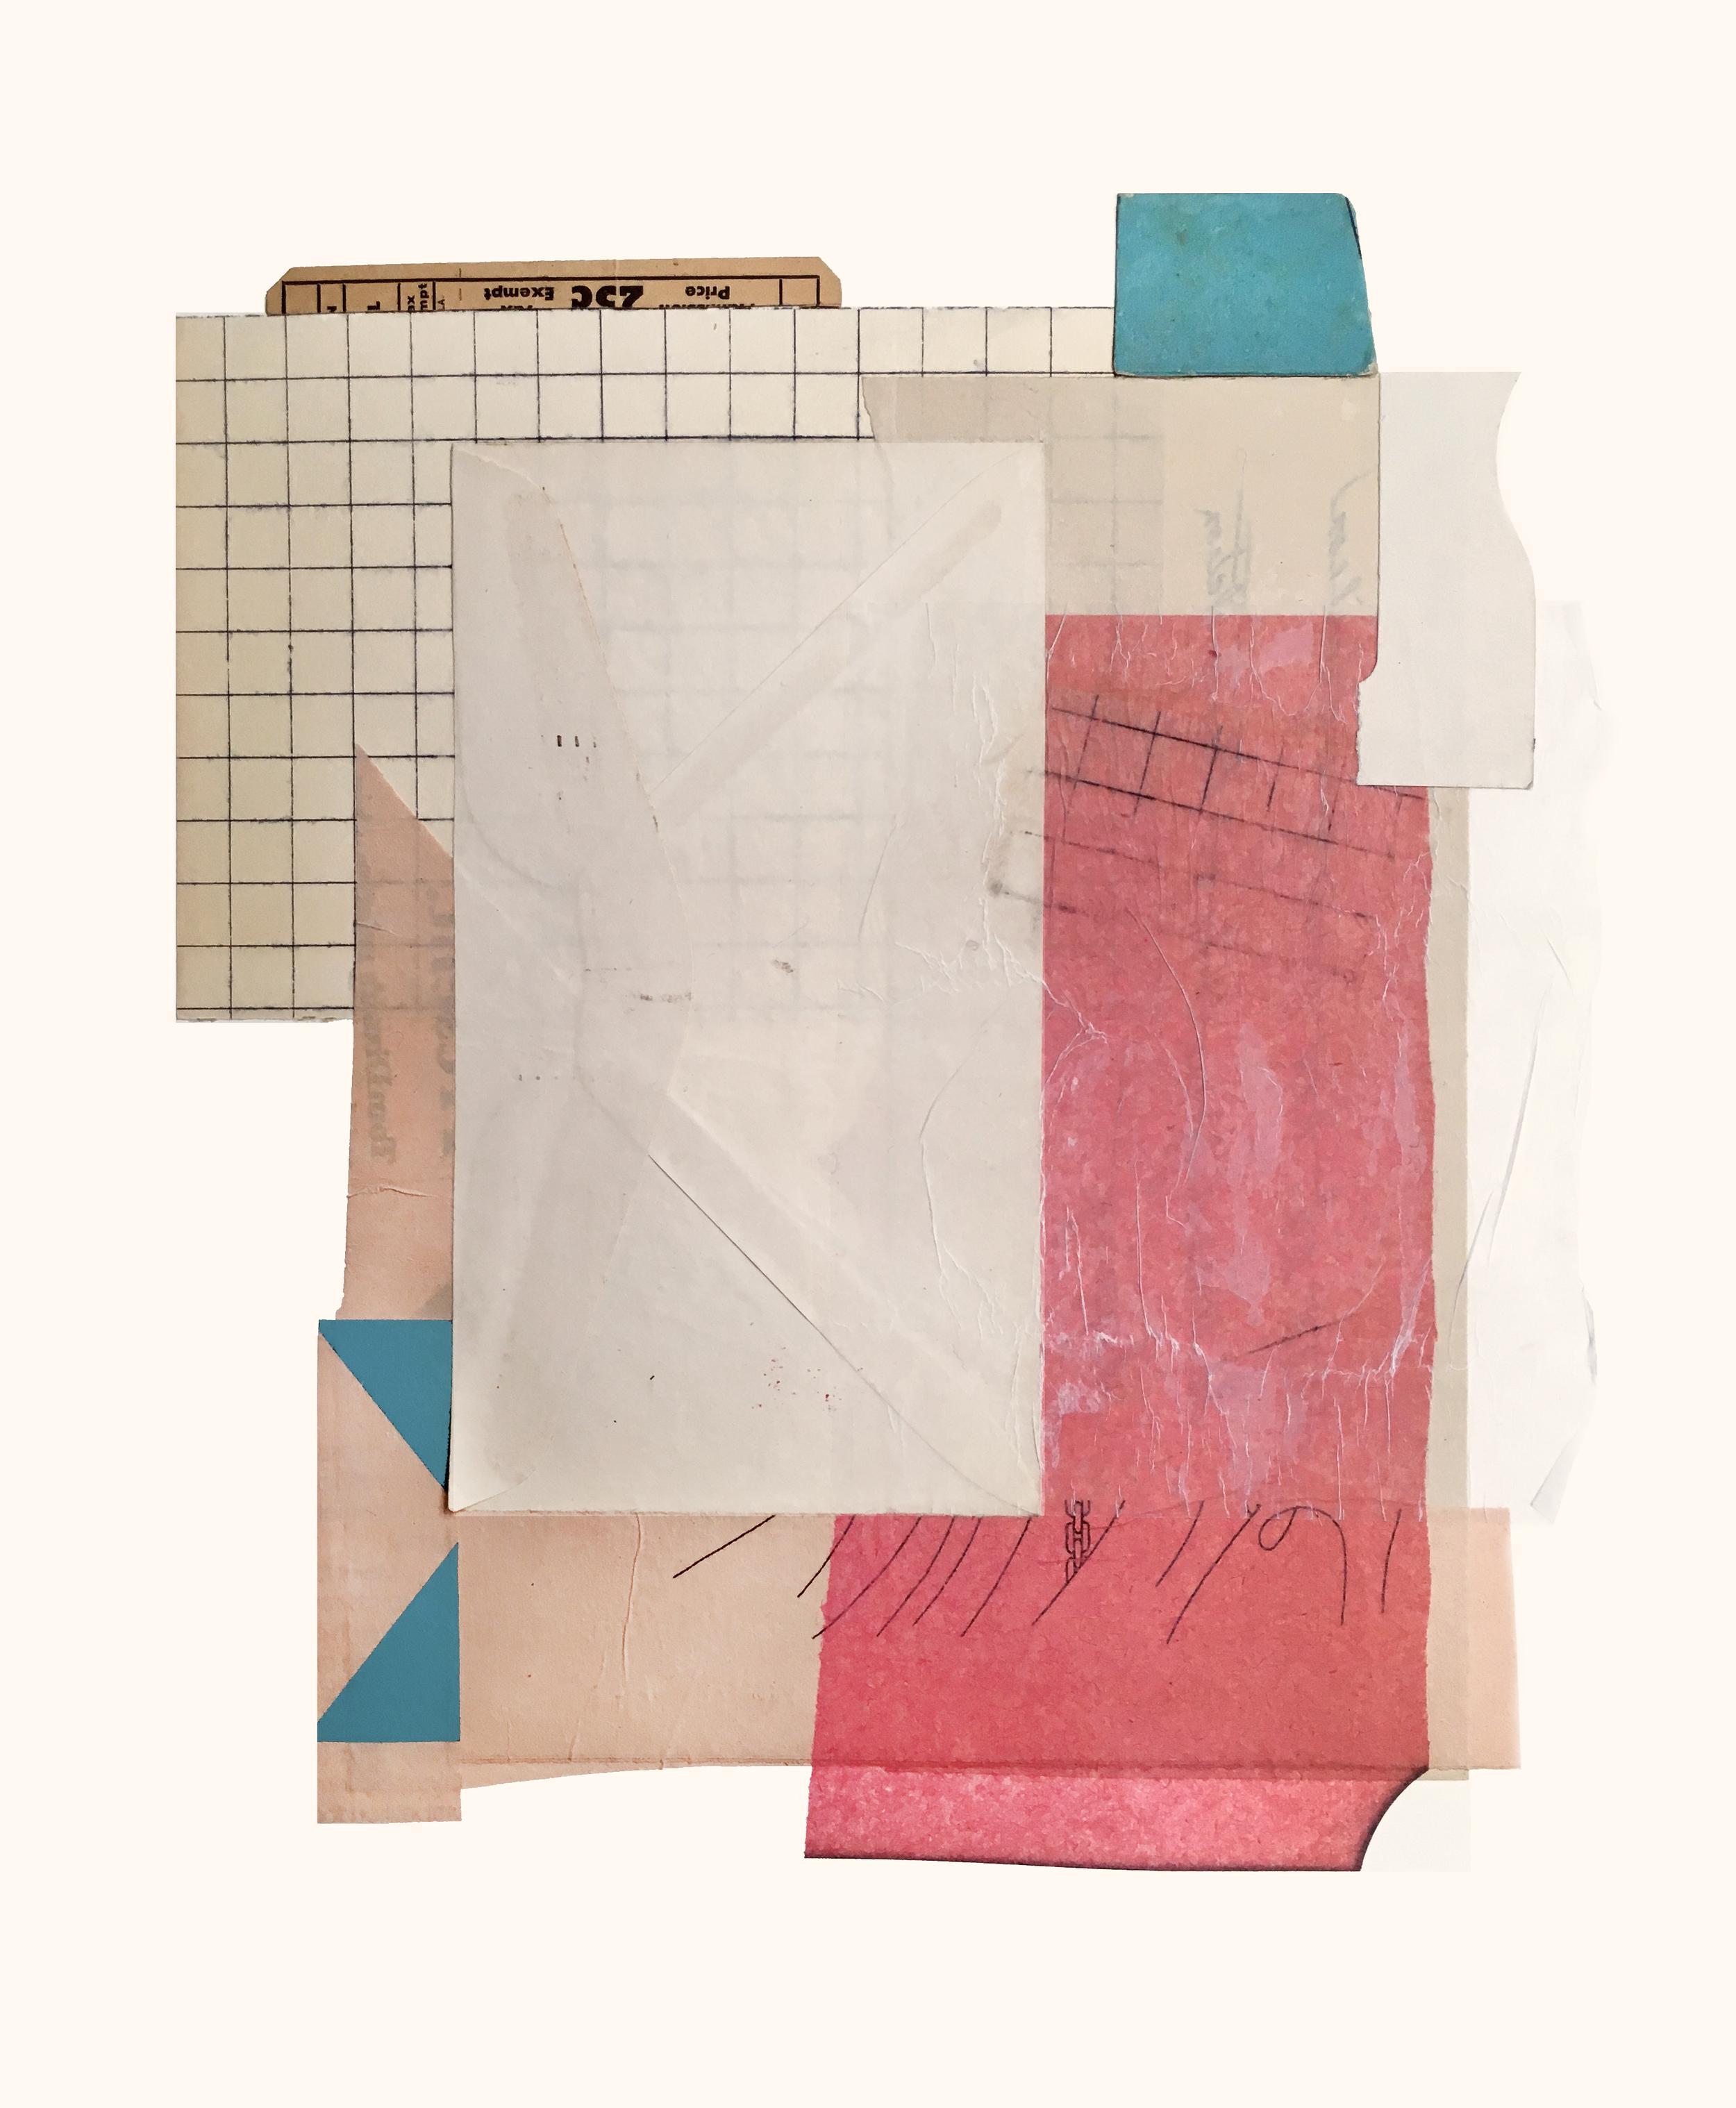 Untitled (Envelope Series #2)